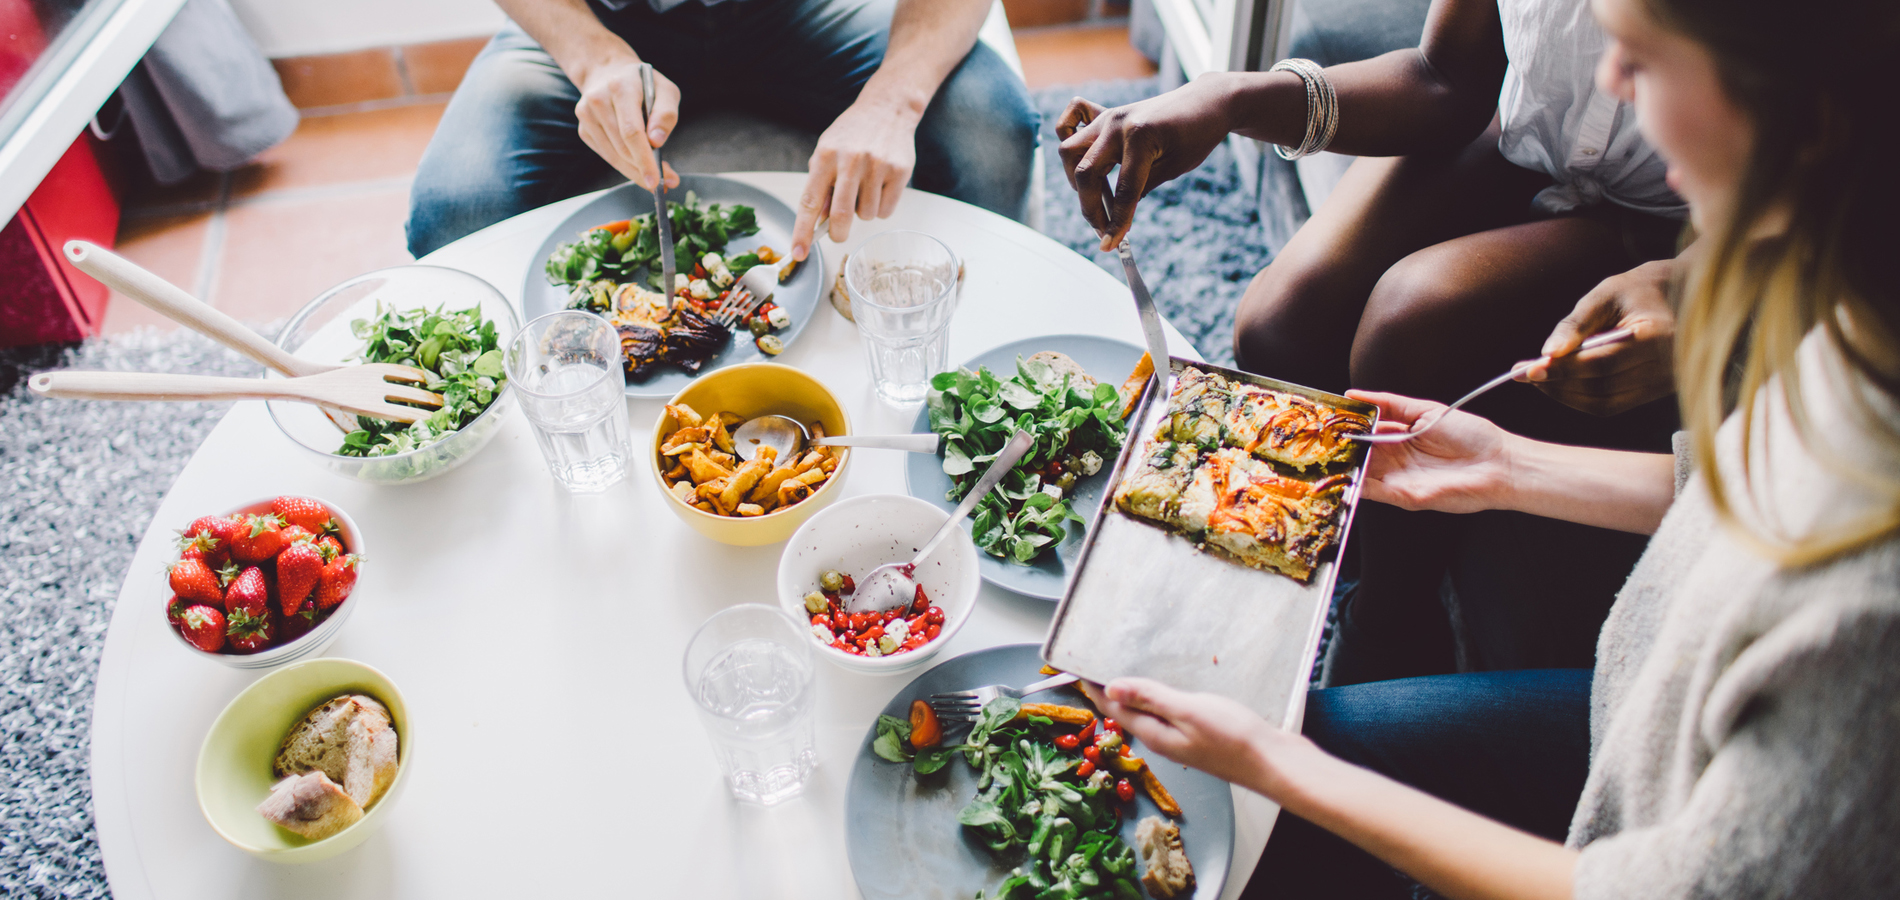 Cuisine 10 Astuces Qui Changent Tout vingt-huit idées pour manger plus de fruits et légumes au